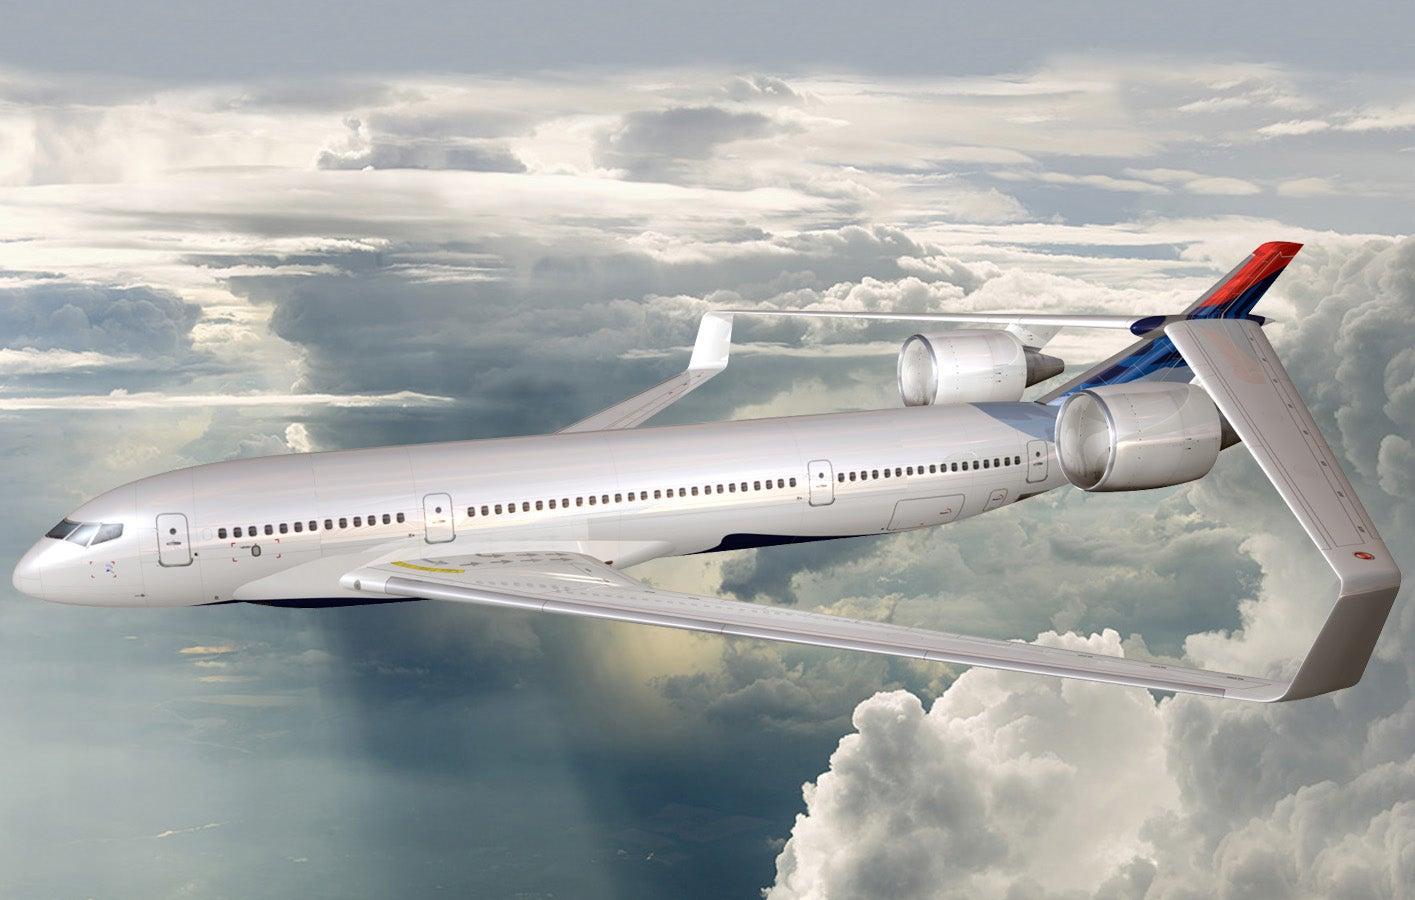 ADS - Aircraft Design Software